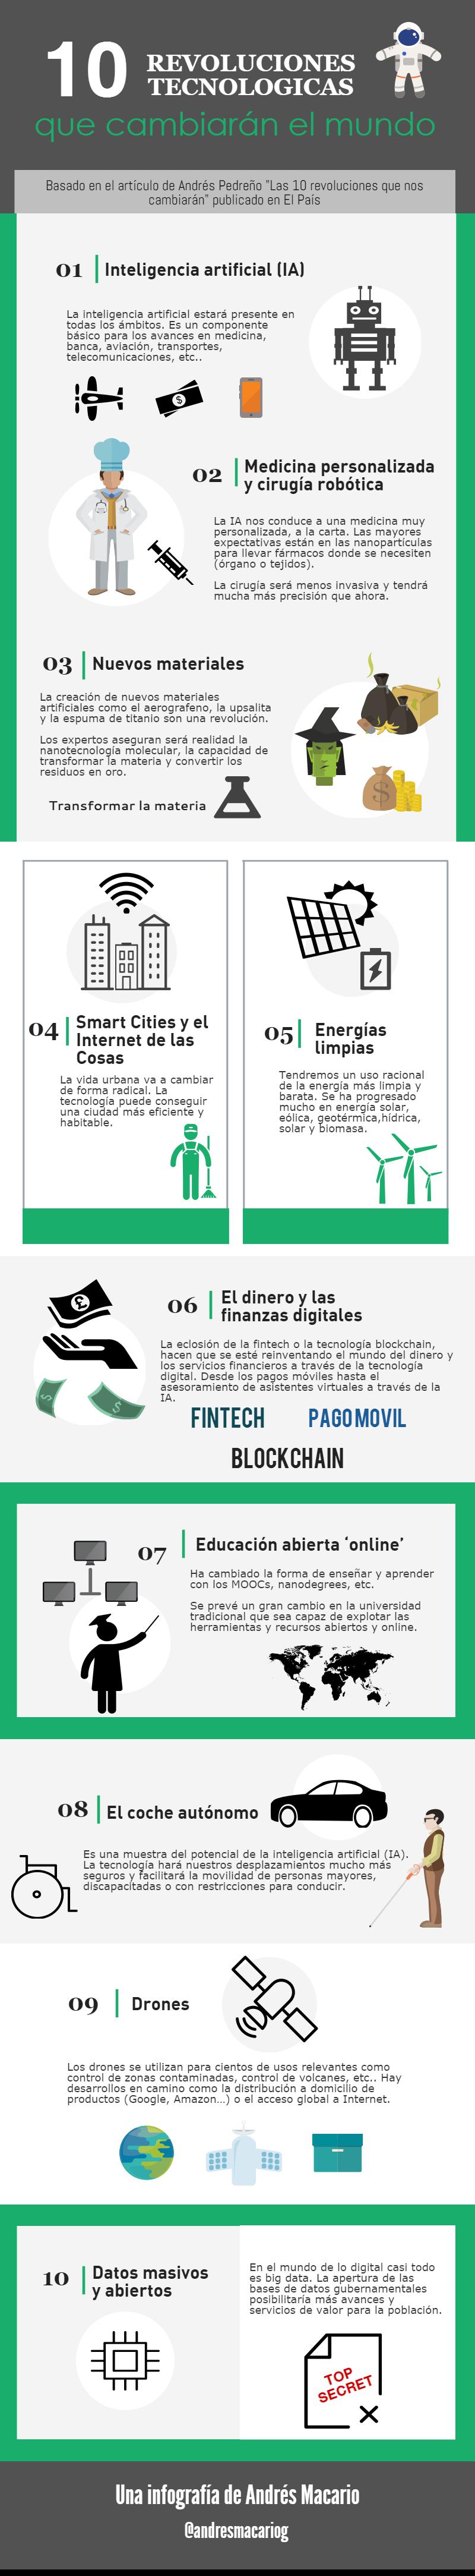 10 revoluciones tecnologicas que cambiaran el mundo - Infografia Andres Macario